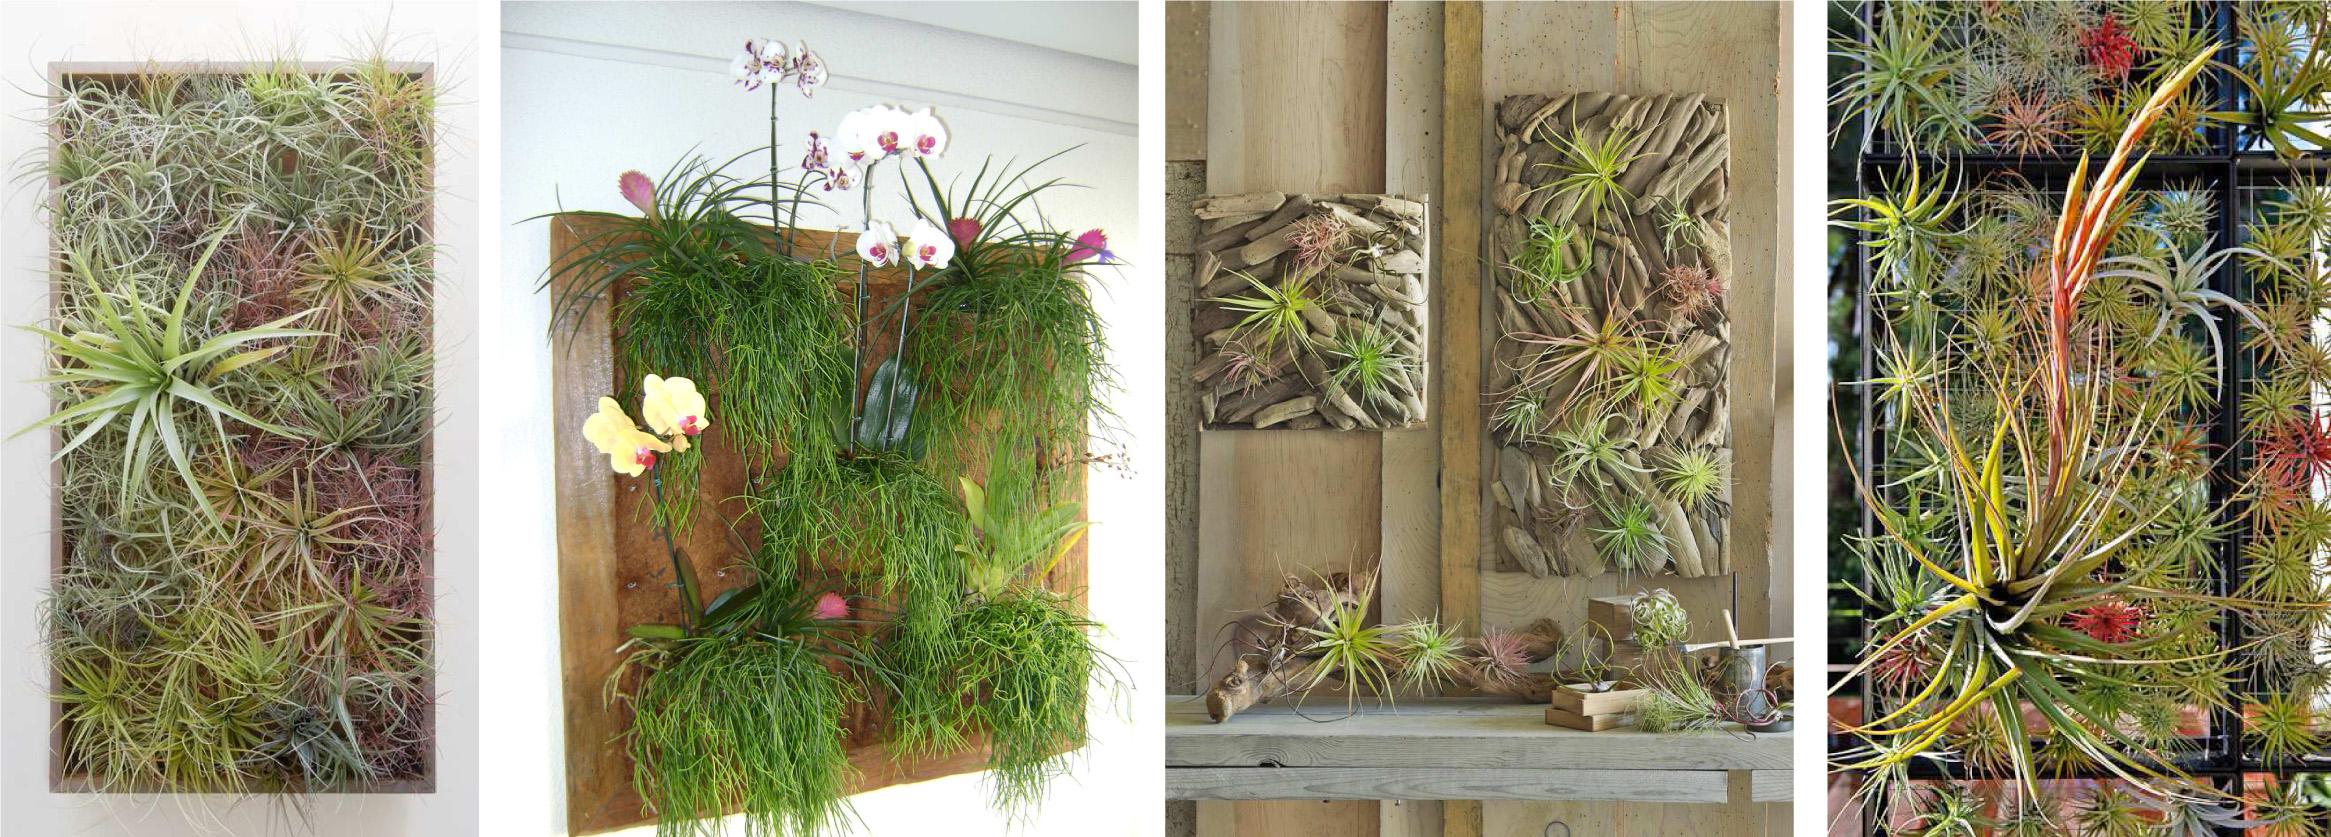 Plantas ep fitas para los jardines verticales paivertpaivert - Plantas para jardines verticales ...